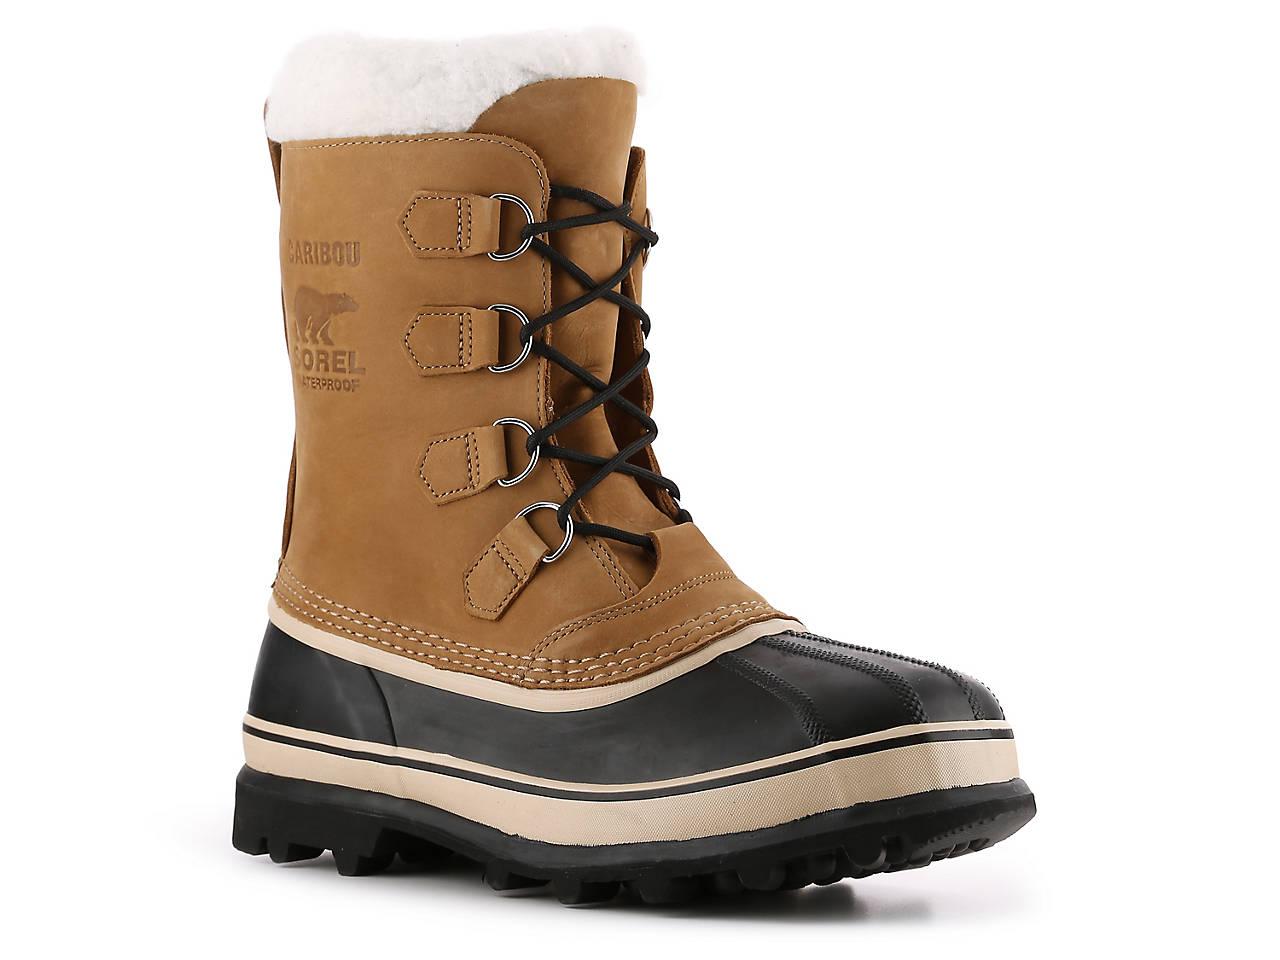 964d199410b Caribou Snow Boot